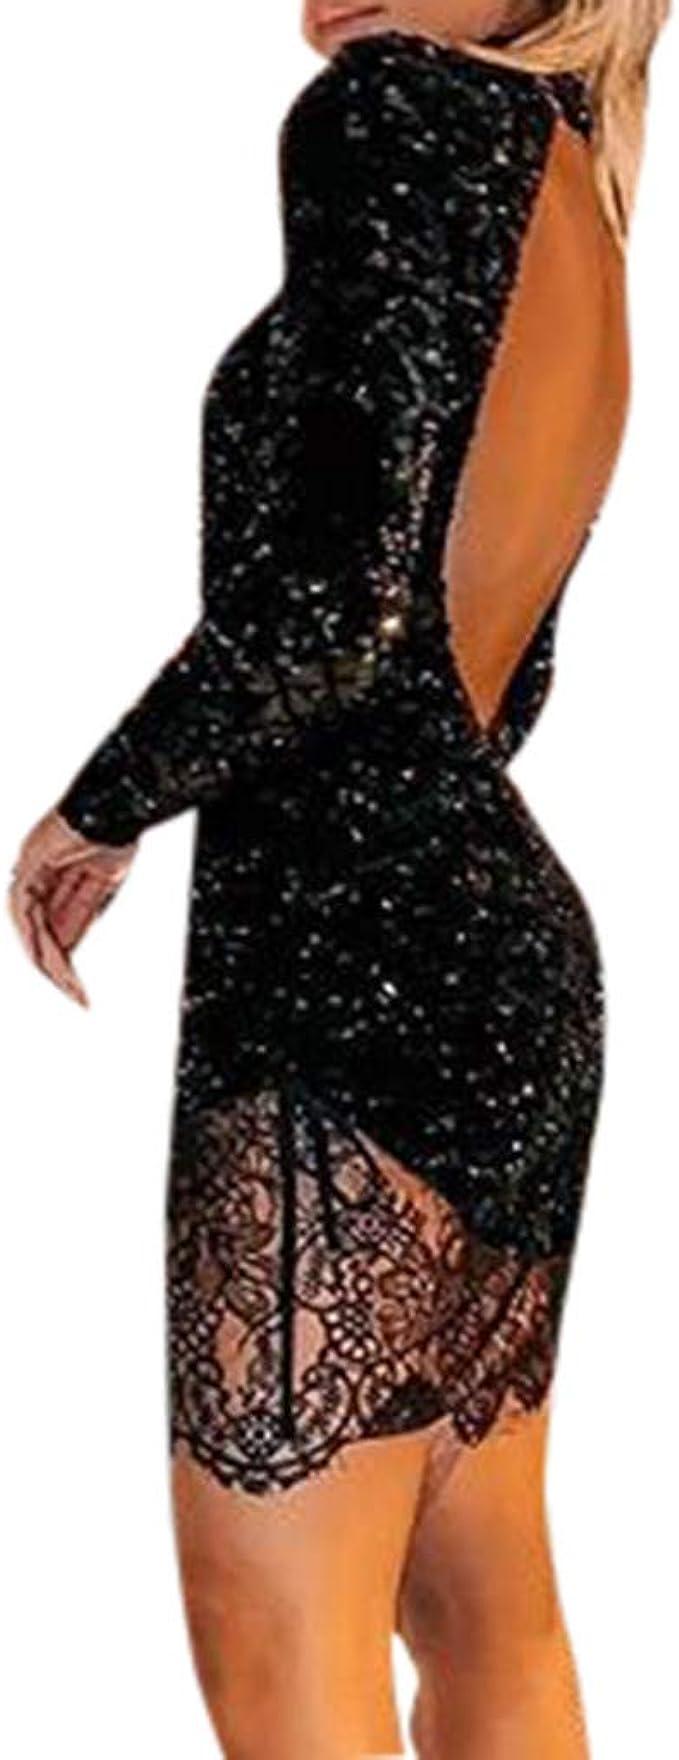 Battnot Damen Mini Kleider Sexy Langarm Ruckenfrei Pailletten Spitze Slim Fit Abendkleid Frauen Elegant Sequin Lace Festlich Hochzeit Cocktailkleid Party Club Kostum Womens Schwarz Dress S Xl Amazon De Bekleidung